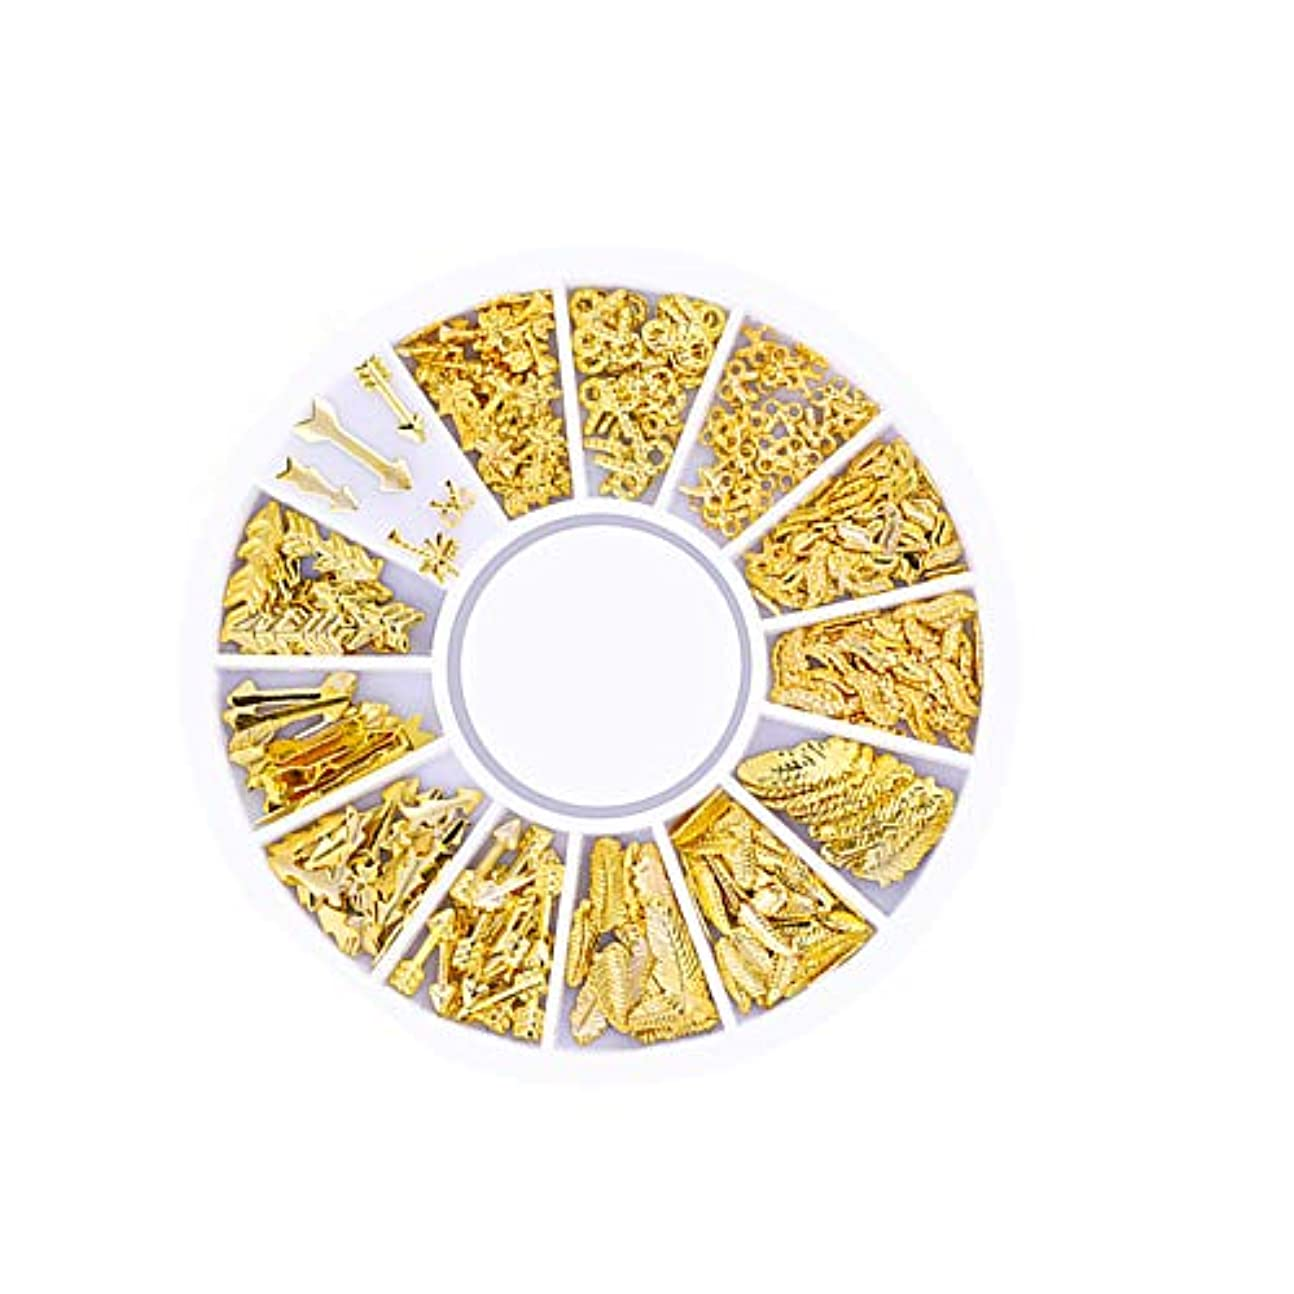 薬剤師固有のオゾン200カウント/バッグネイルステッカー3Dミニメタルスタッド魅力的なグリッターネイル用品DIYネイルファッション装飾的なレトロシリーズ